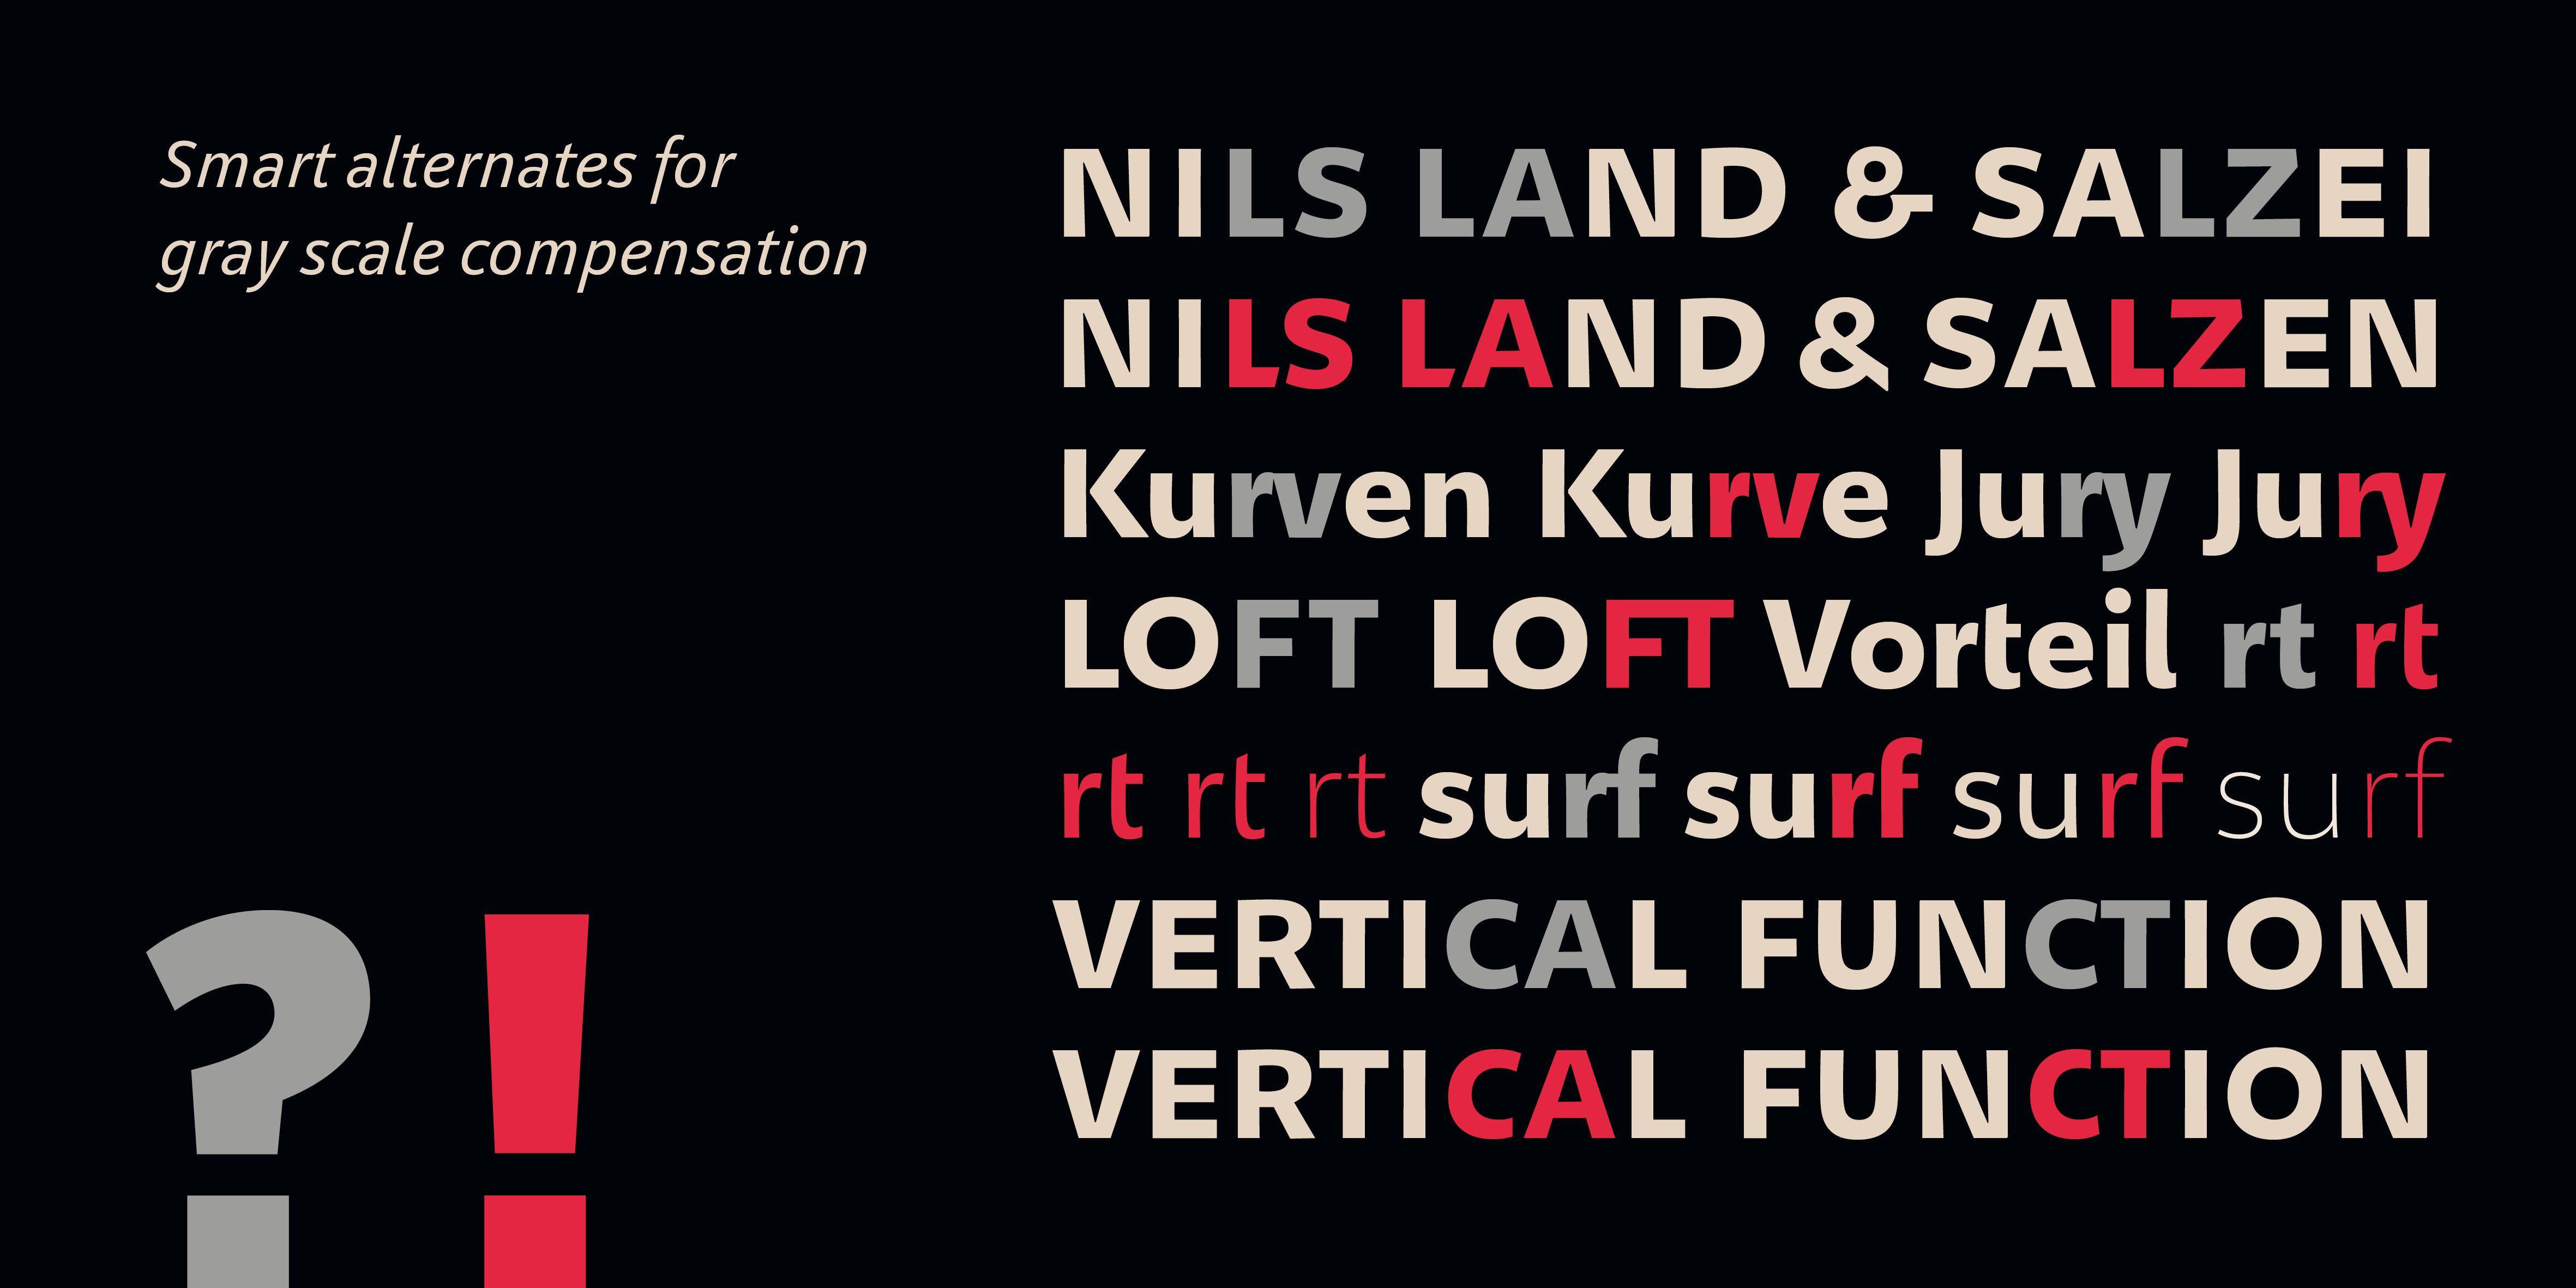 Poster: Alternativbuchstaben zum Grauwertausgleich